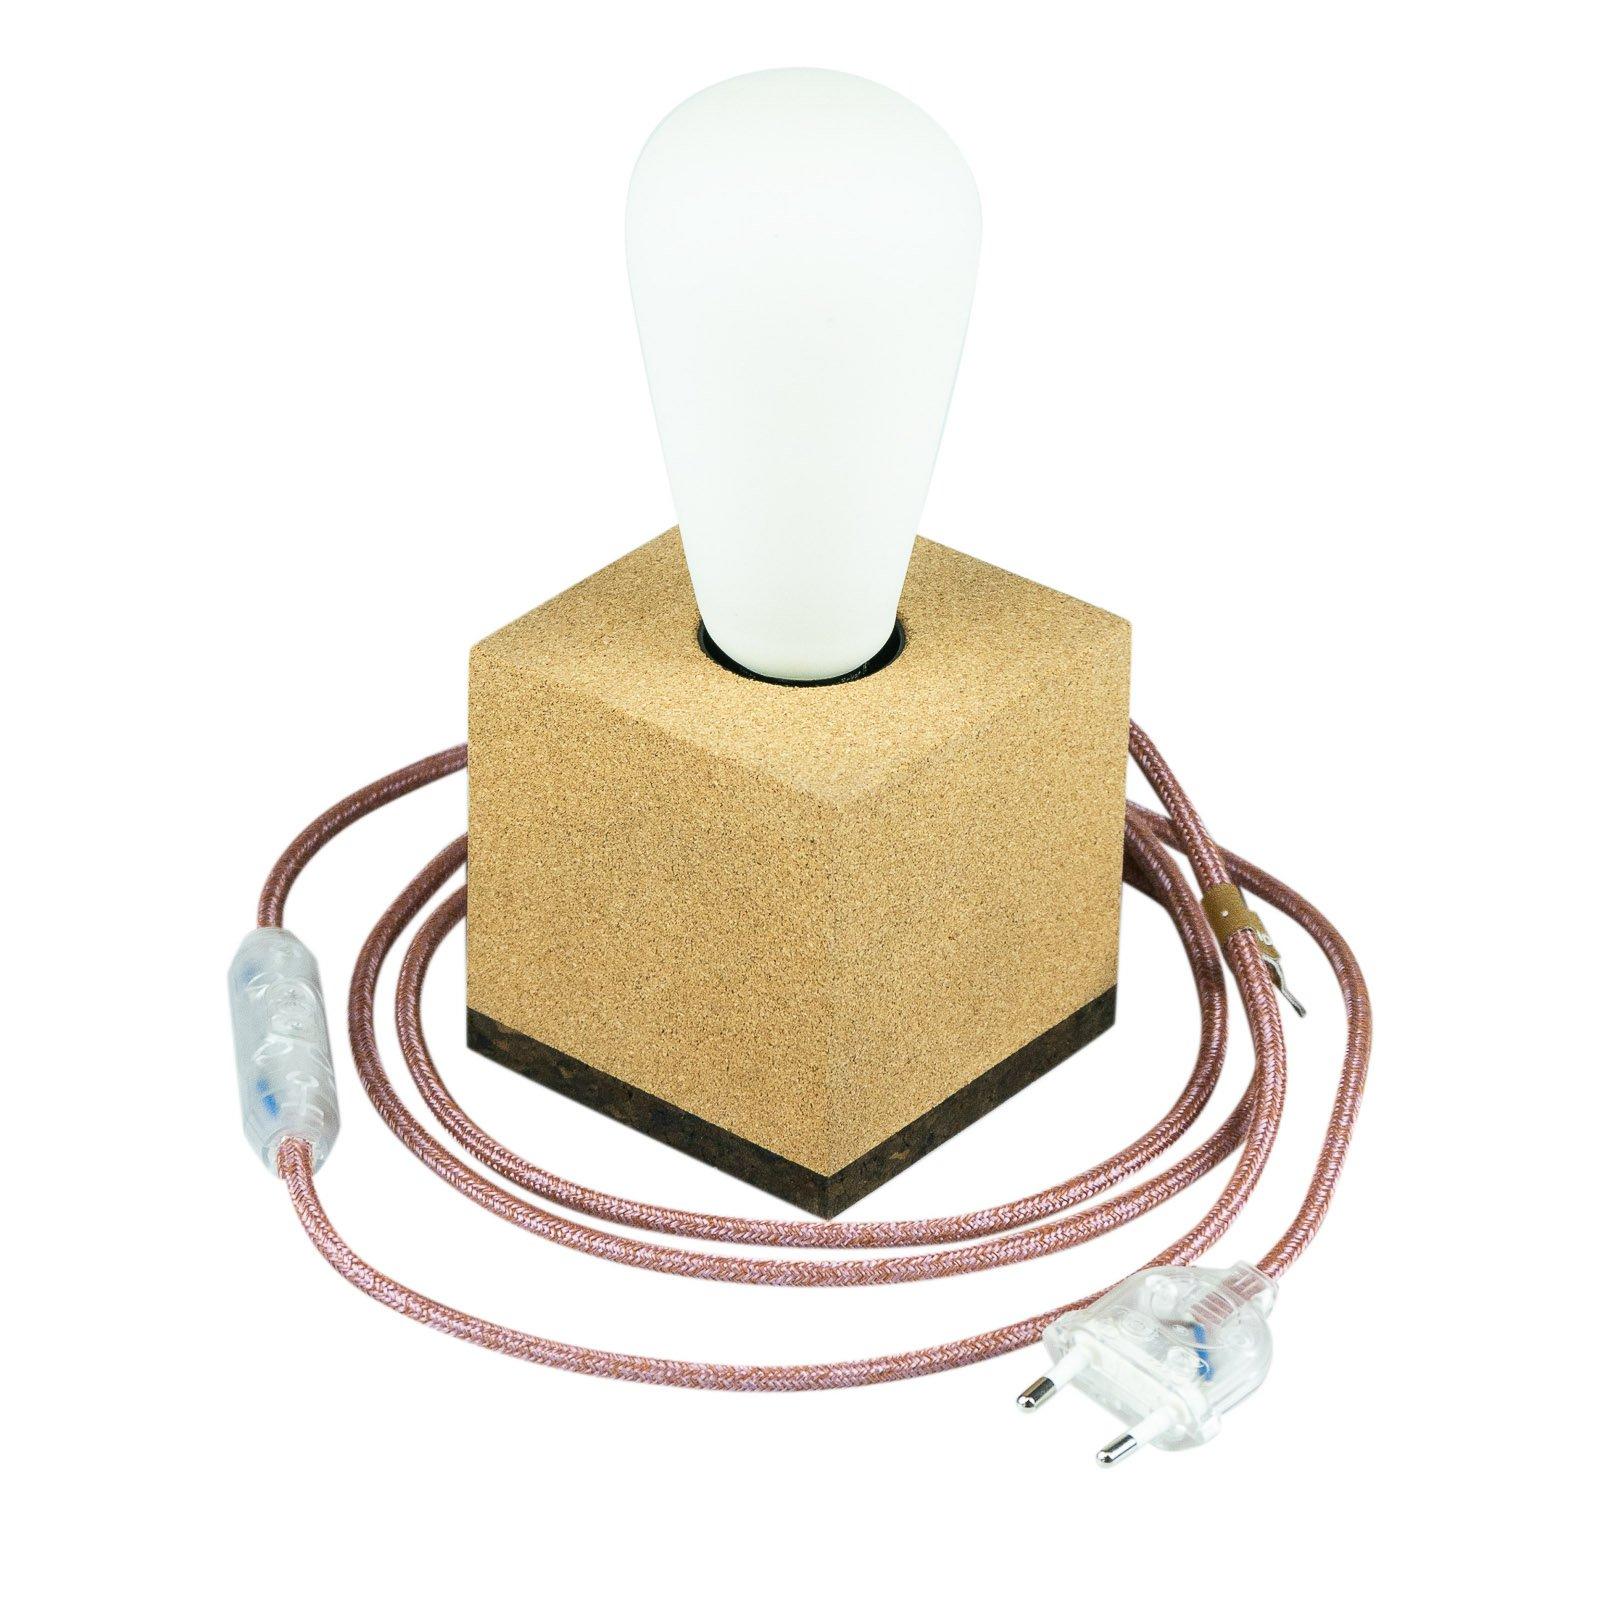 SEGULA Würfel bordlampe av kork, kabel marsala